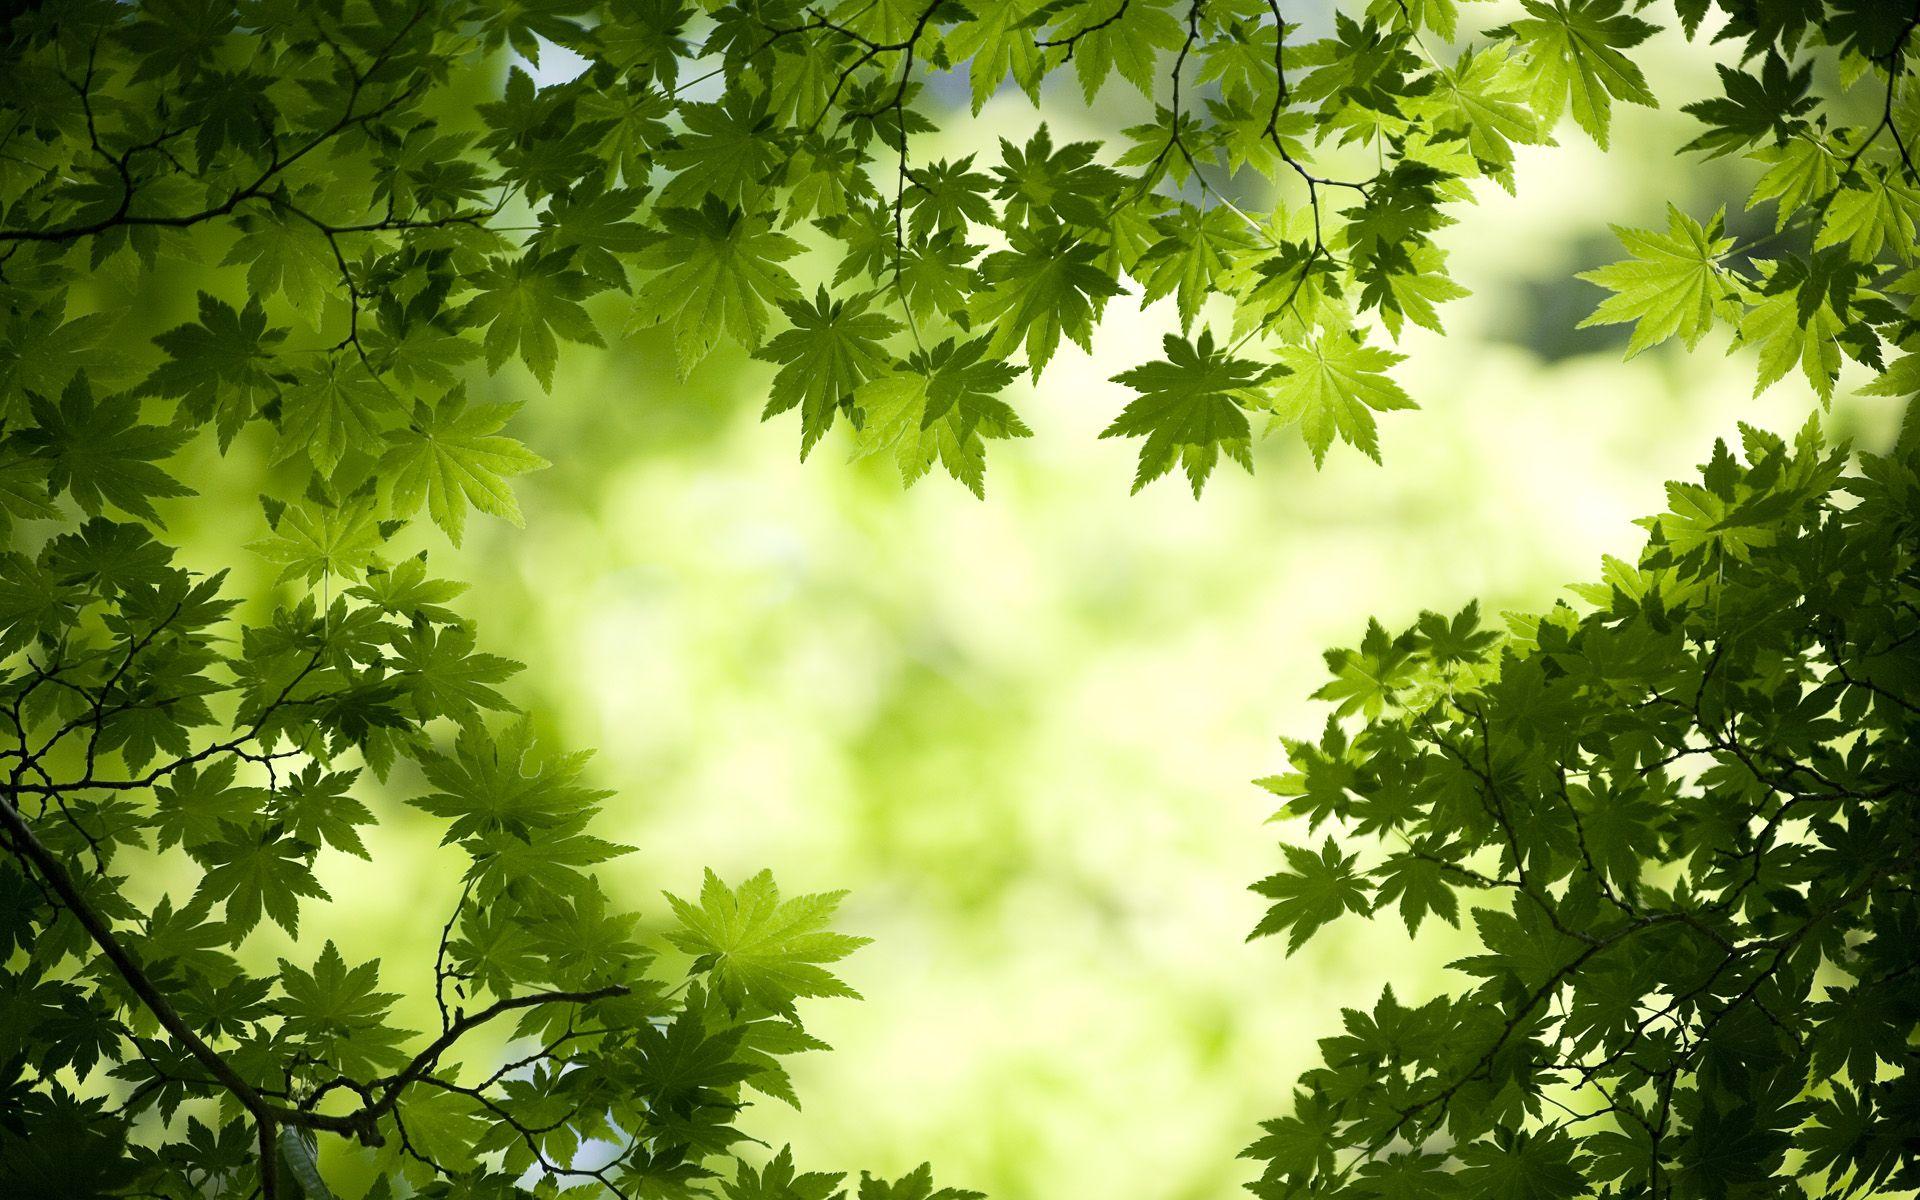 Http Www Hdwallpapers In Walls Green Maple Leaves Wide Jpg